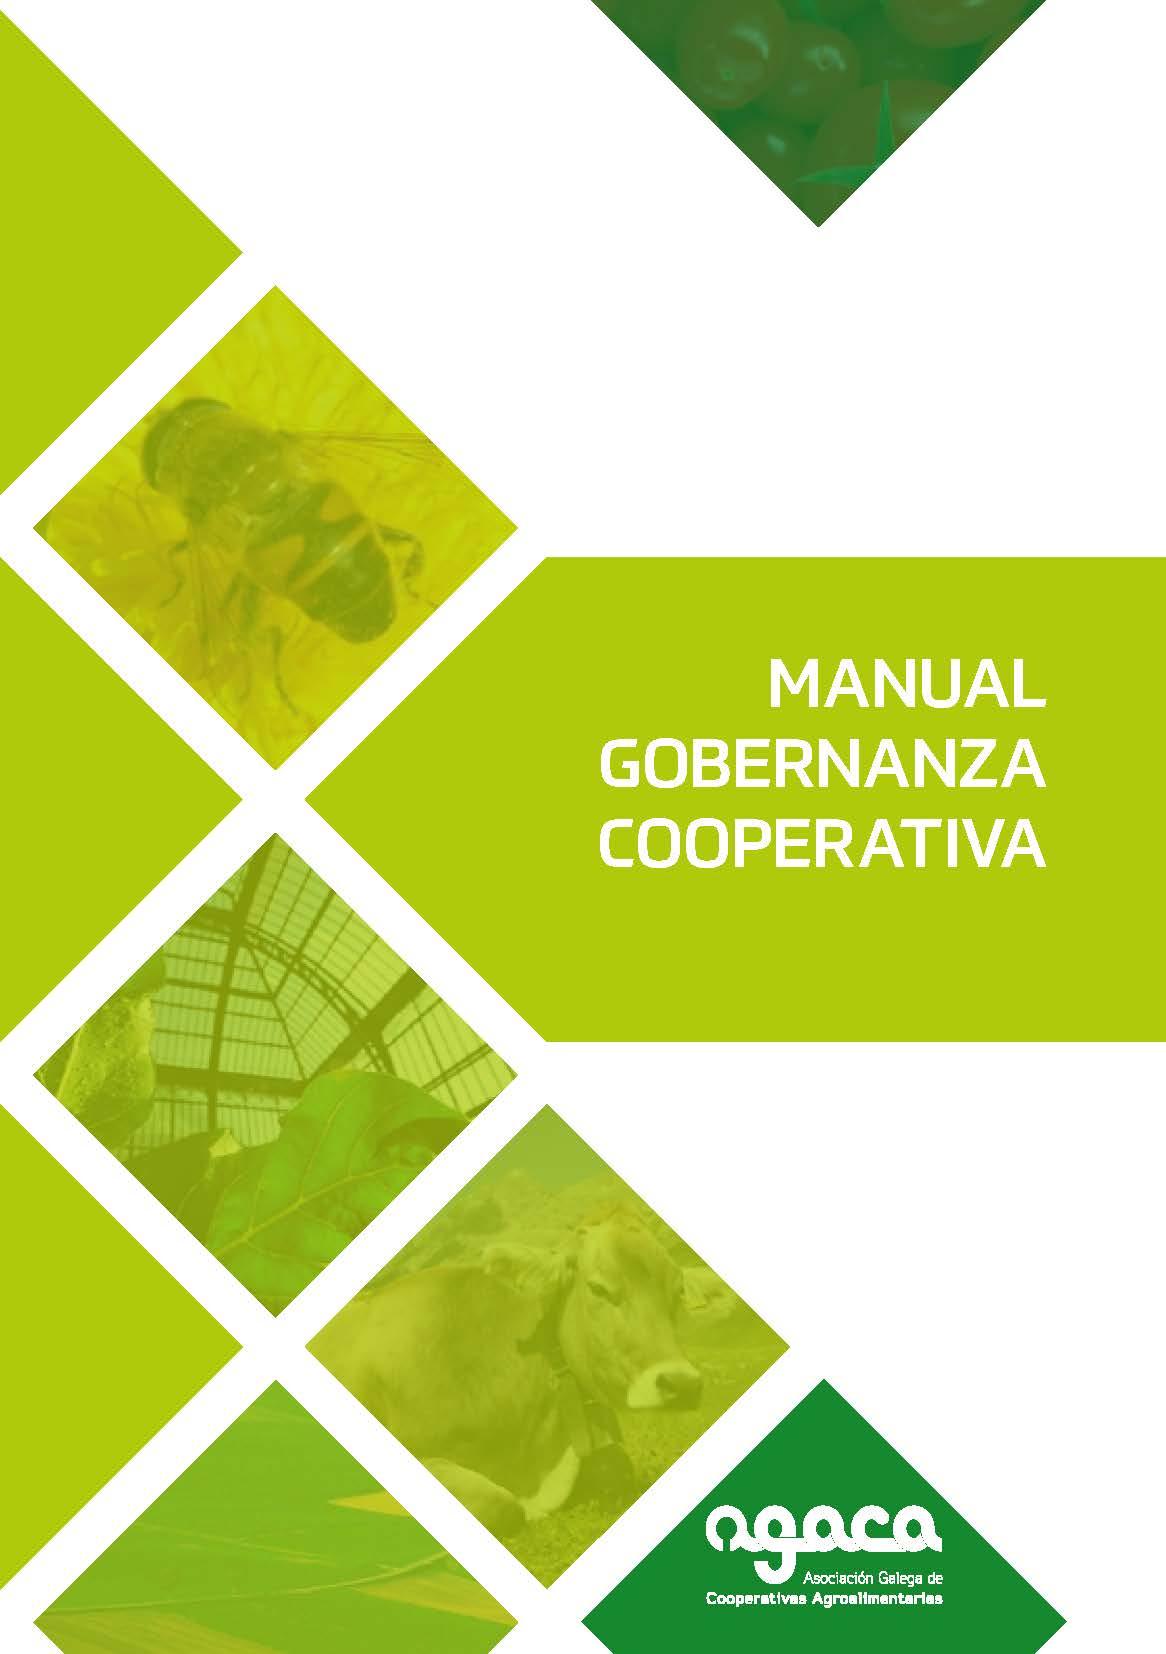 Manual Gobernanza Cooperativa